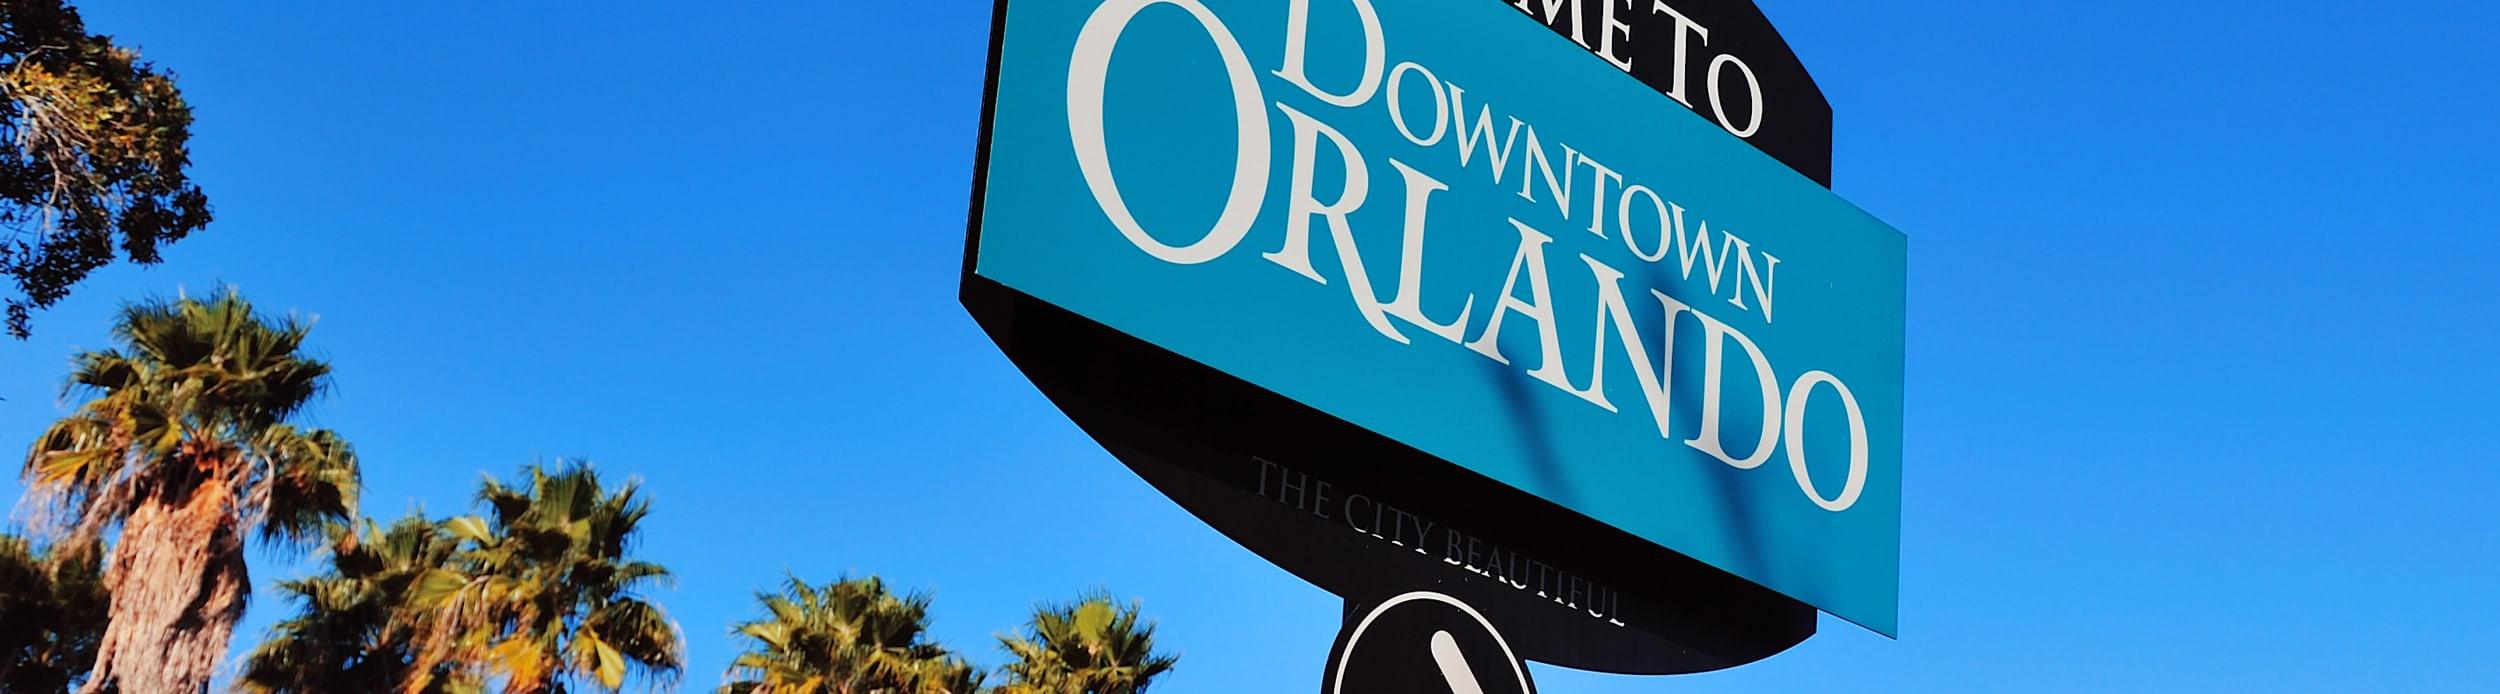 Orlando Florida sign